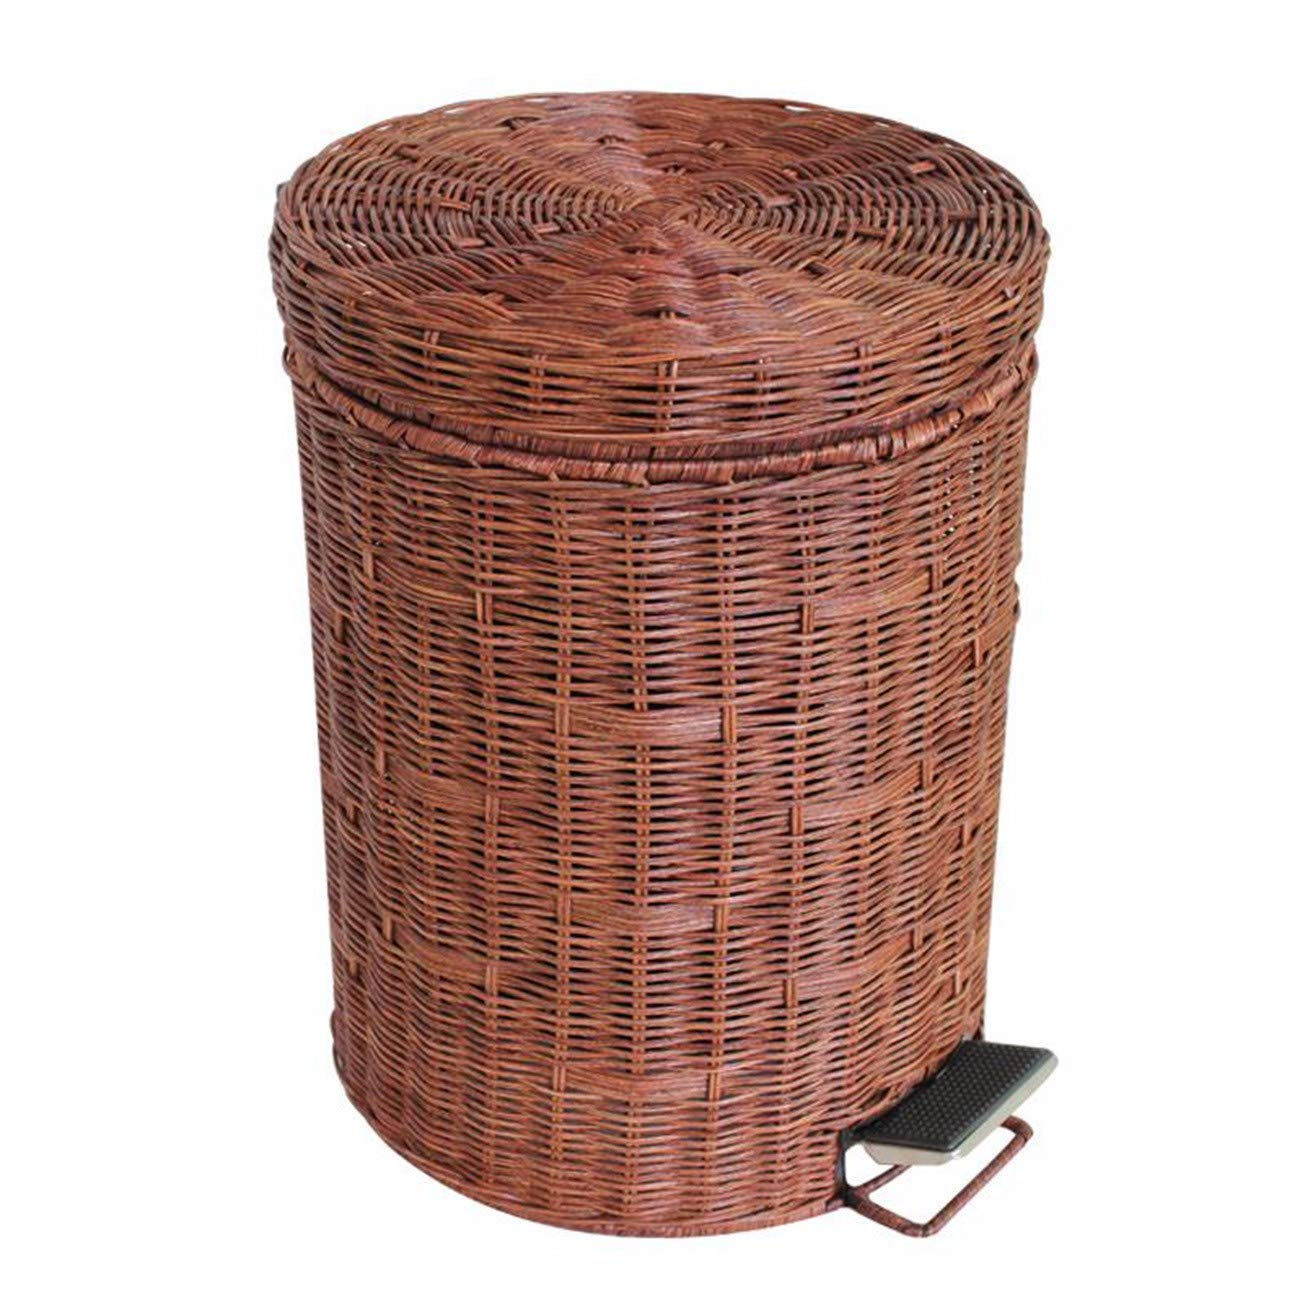 JFBZS-cubo basura Bambu Creativos y reciben latas y Cubos de Madera C 87.